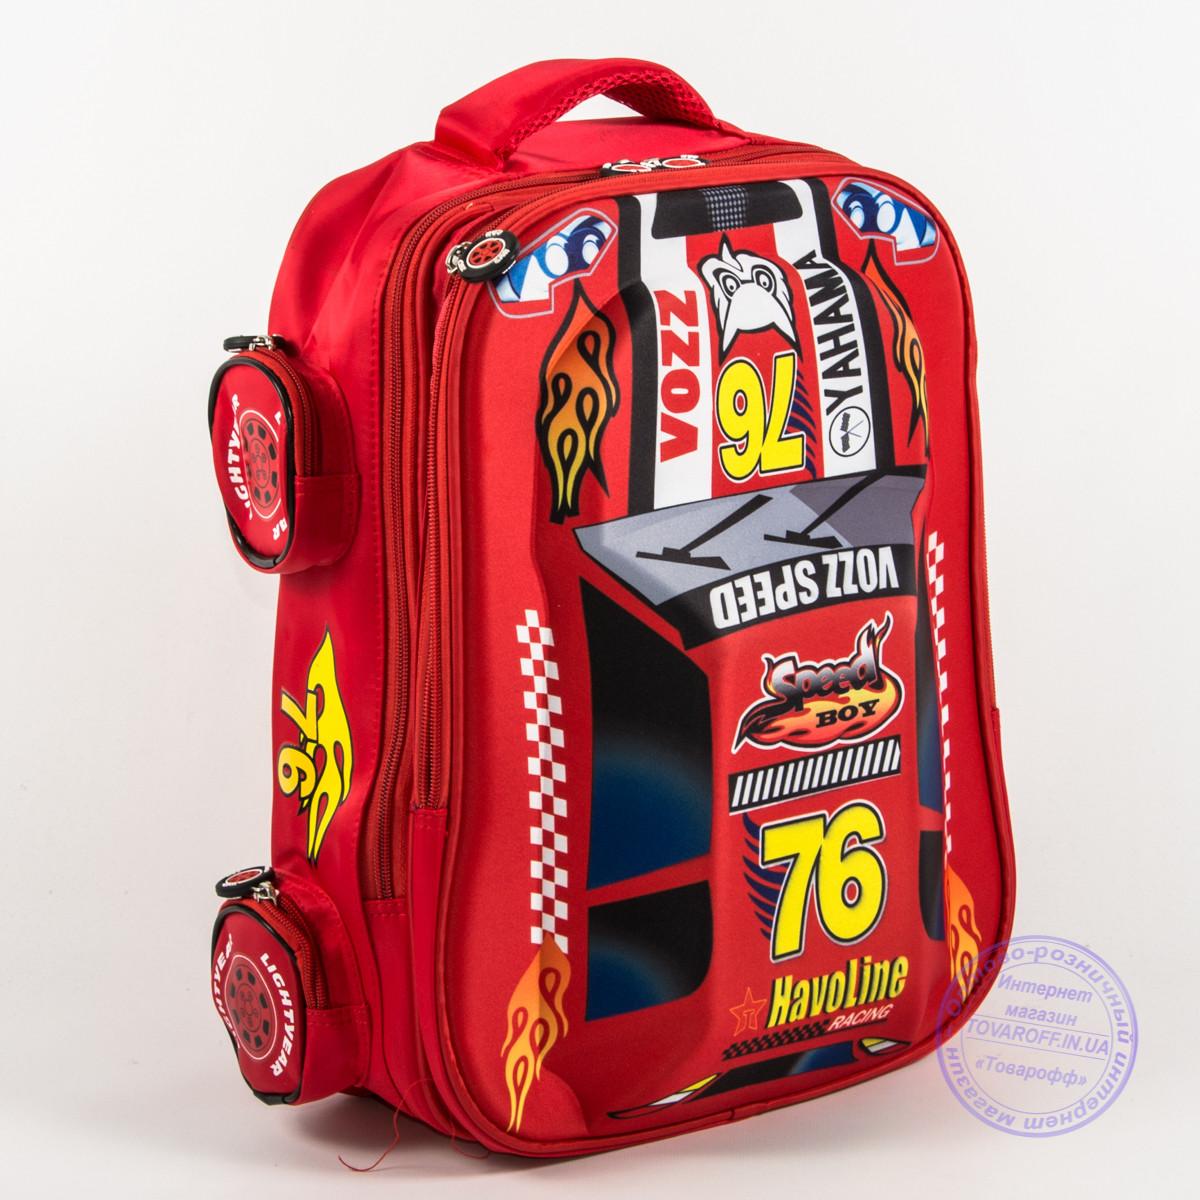 d2b1b6c156e9 Школьный рюкзак для мальчика 3D машина - красная - 127: заказ, цены ...